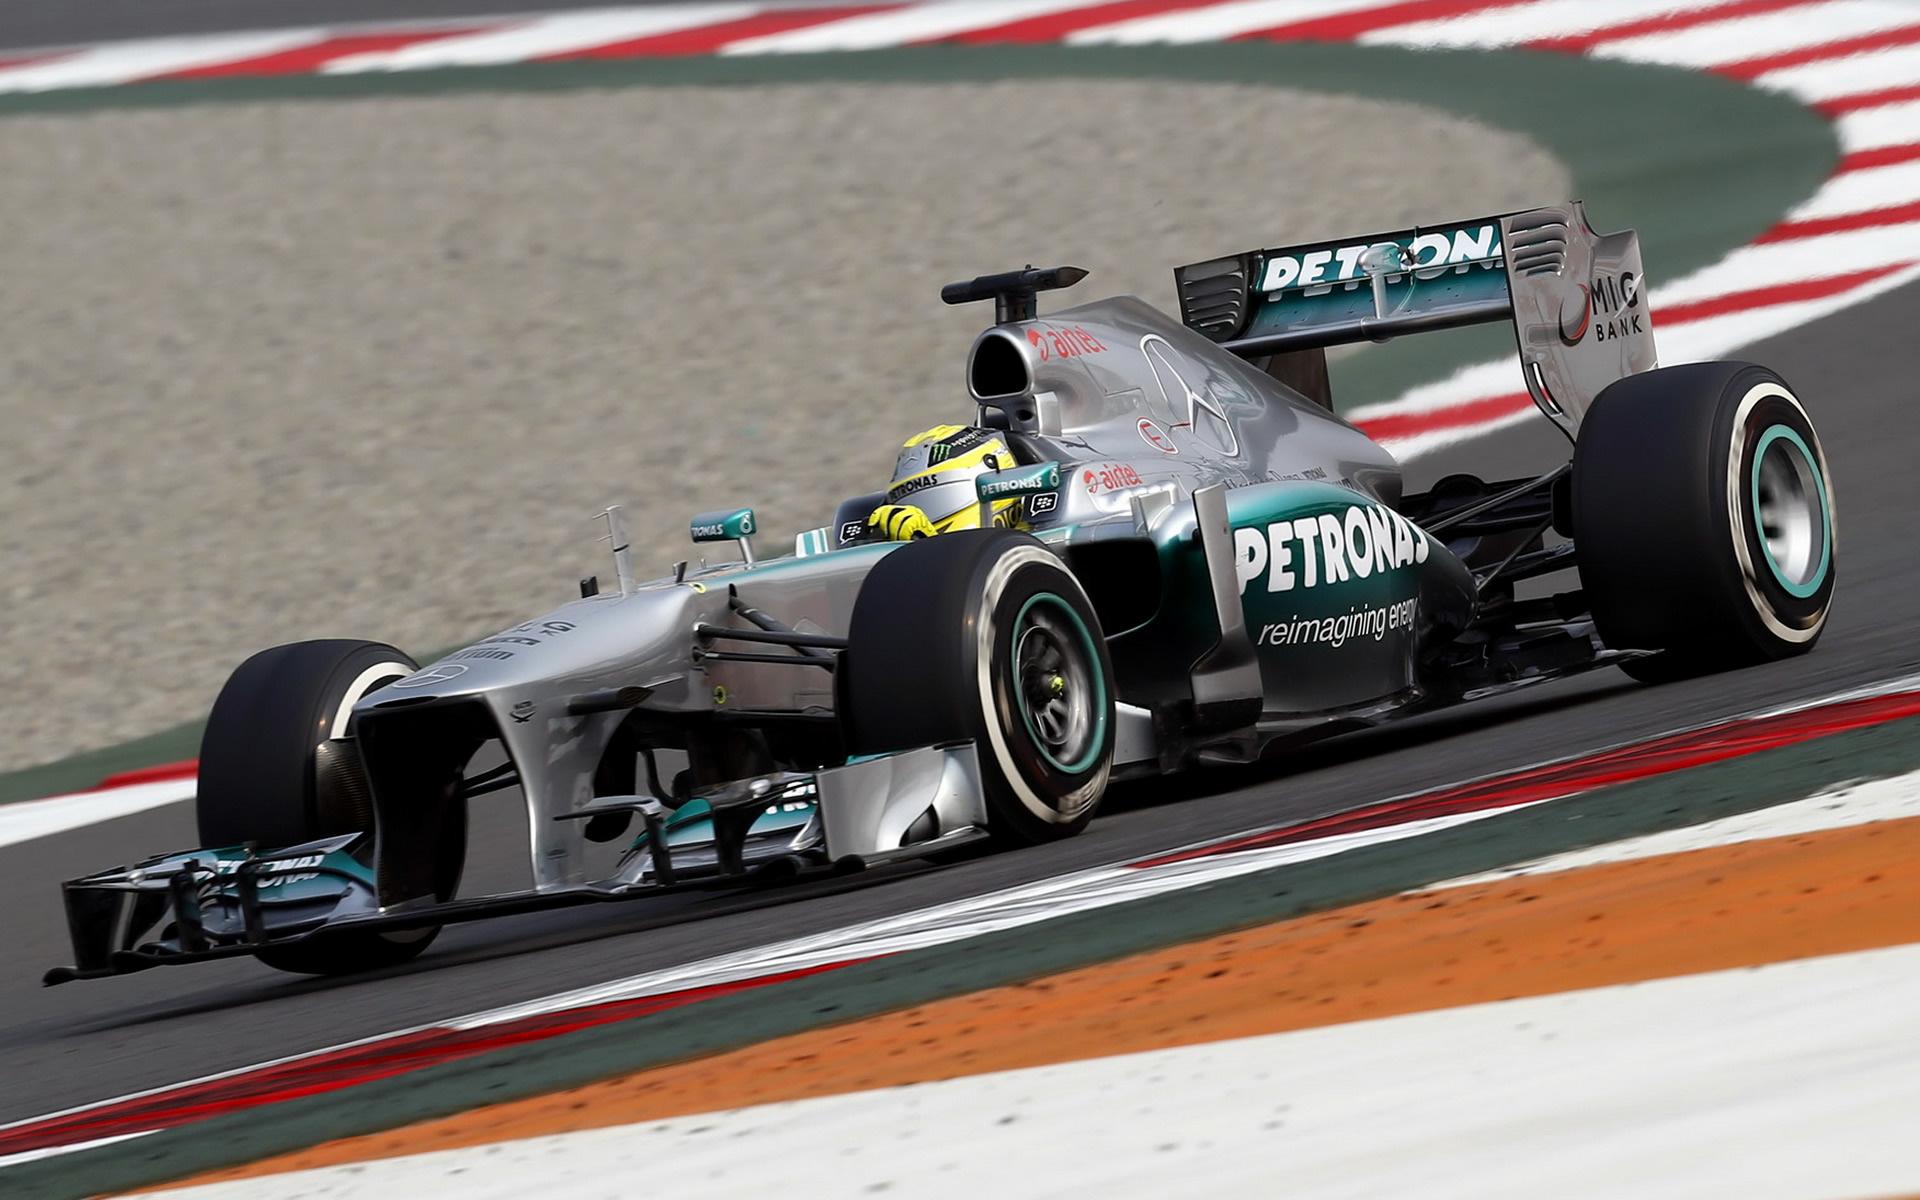 Hasil gambar untuk Mercedes F1 W04